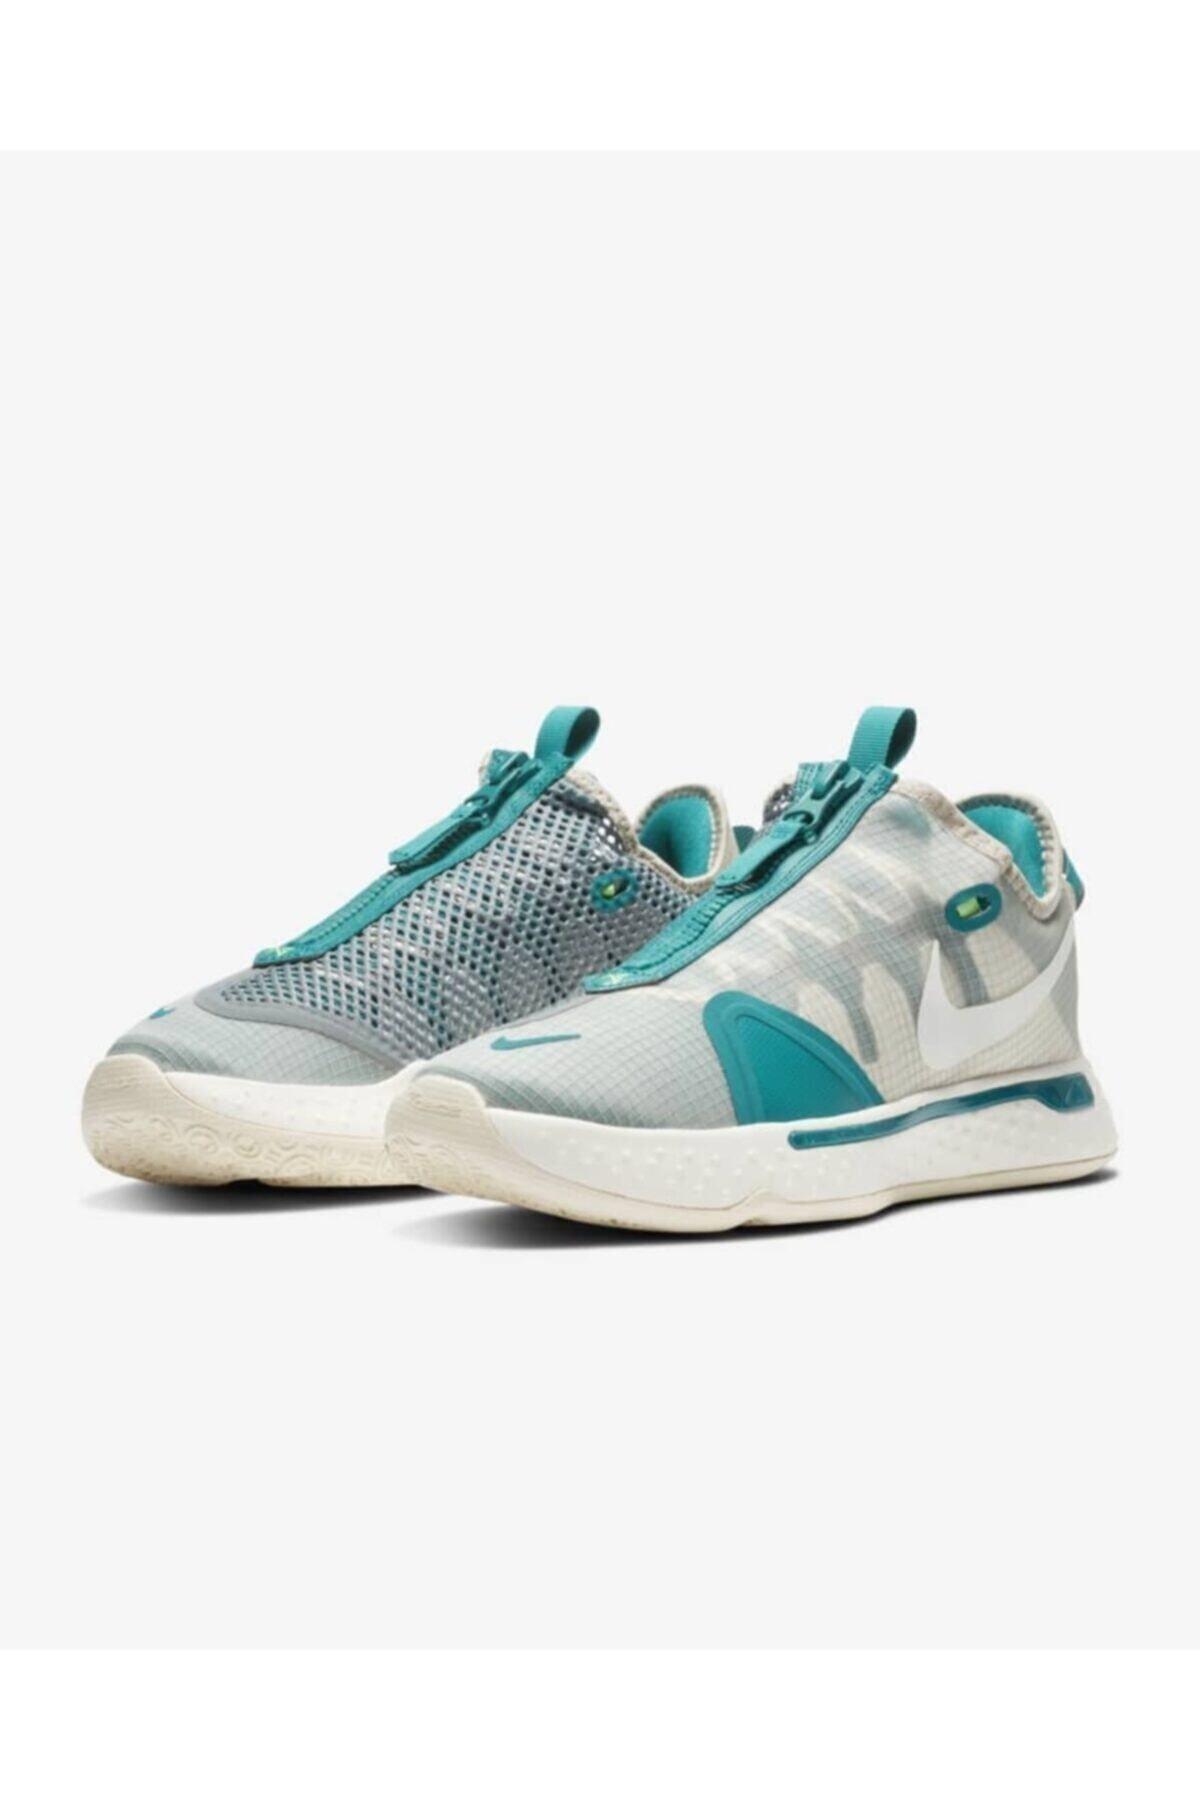 خرید پستی کفش اسپرت مردانه برند نایک رنگ طلایی ty94451776